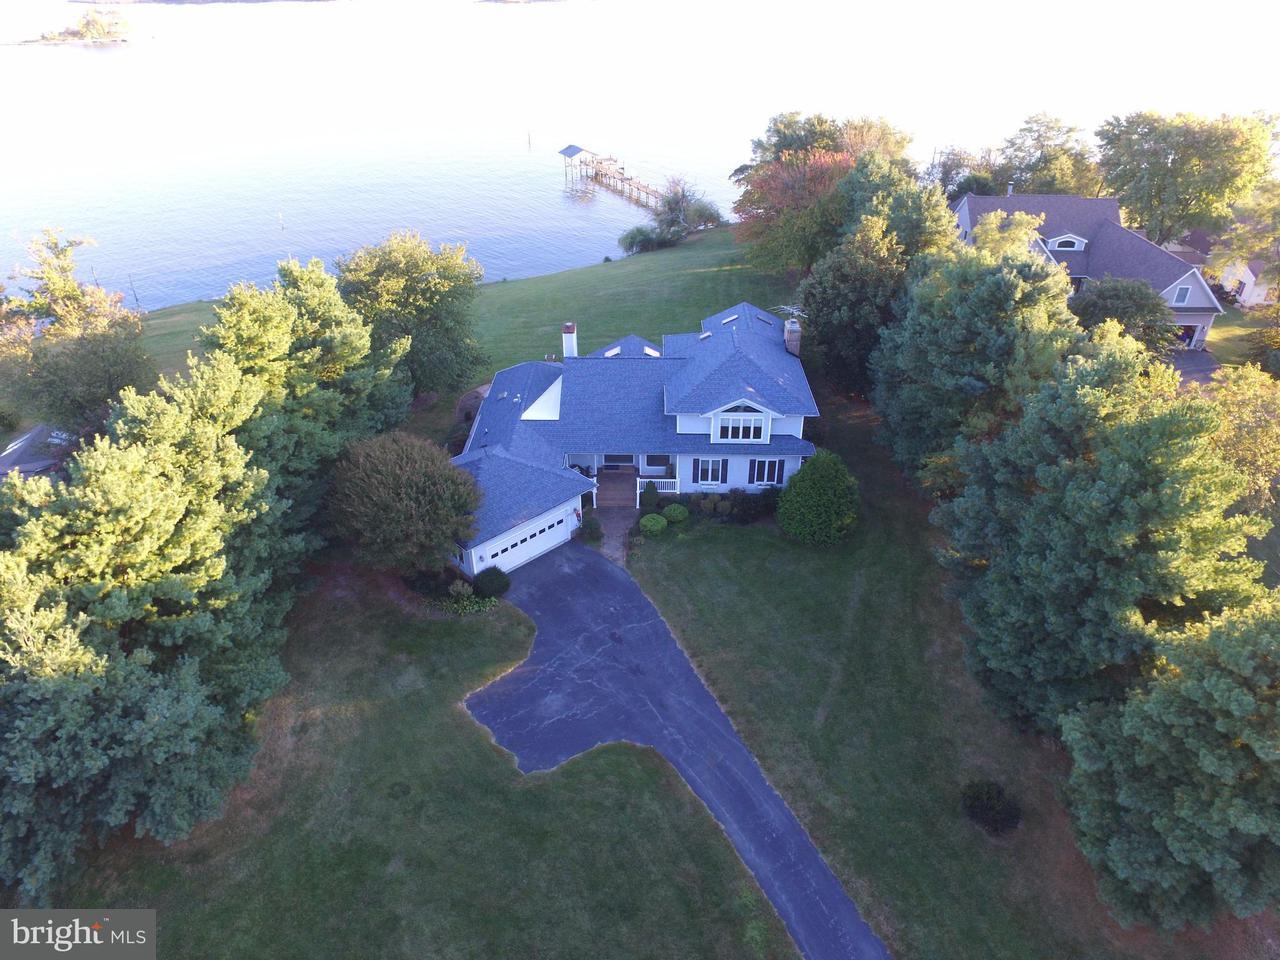 Частный односемейный дом для того Продажа на 36985 Ricky Drive 36985 Ricky Drive Bushwood, Мэриленд 20618 Соединенные Штаты